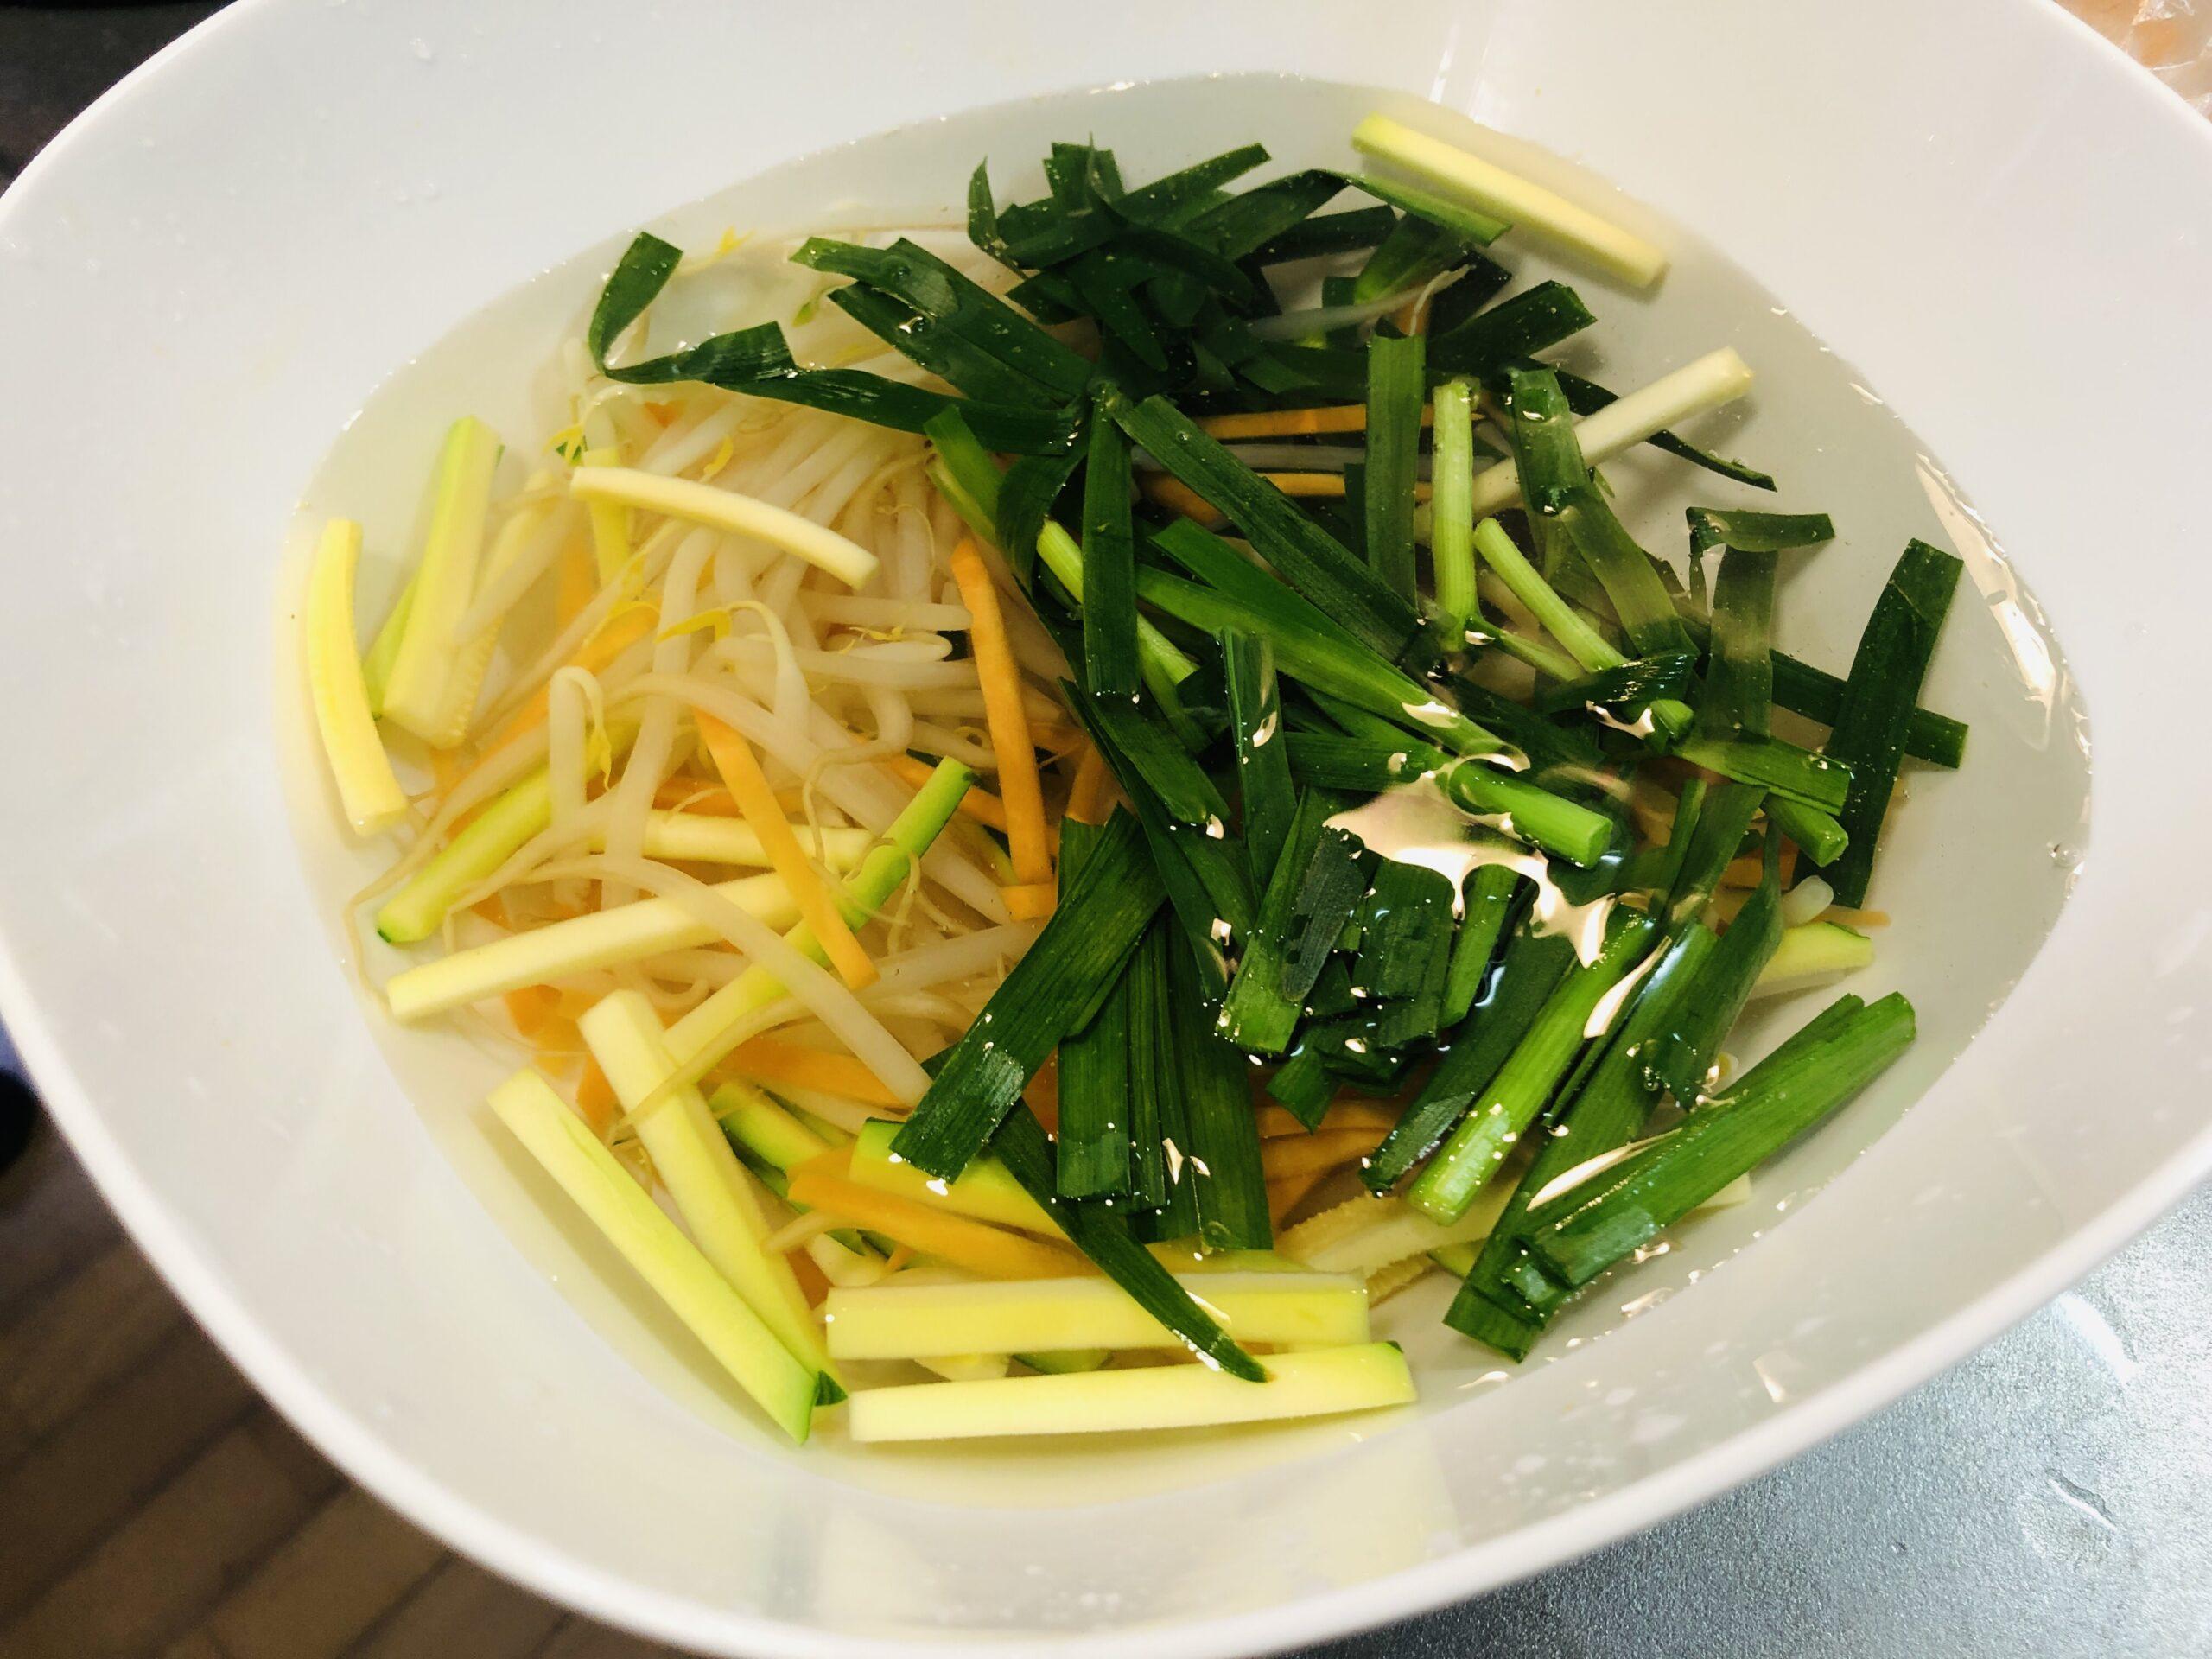 冷水に落した野菜の画像です